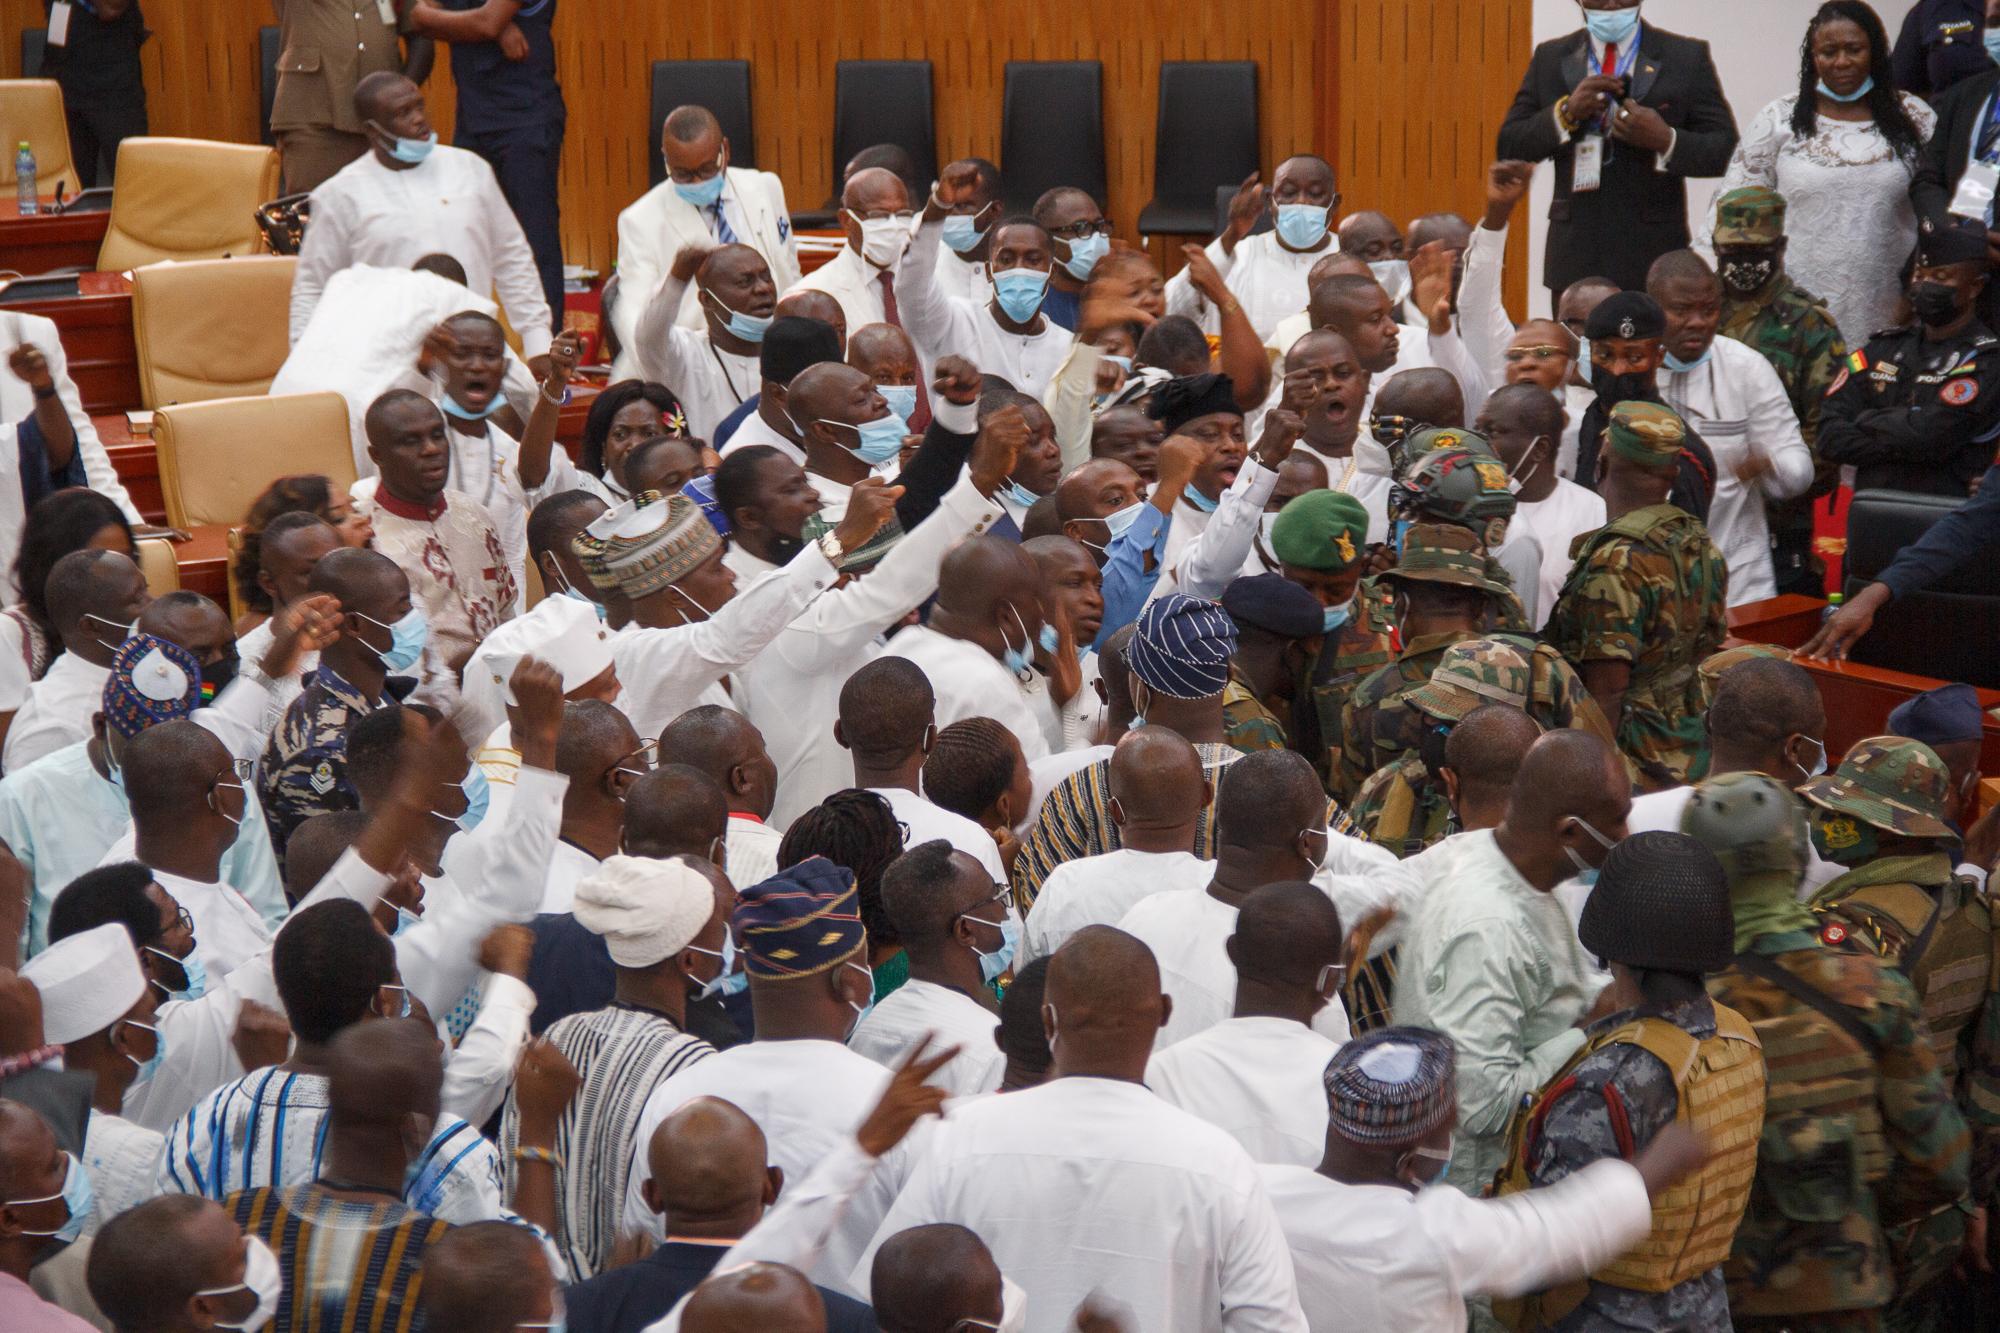 Akkora verekedés volt a ghánai parlamentben, hogy a hadseregnek kellett szétszednie a képviselőket